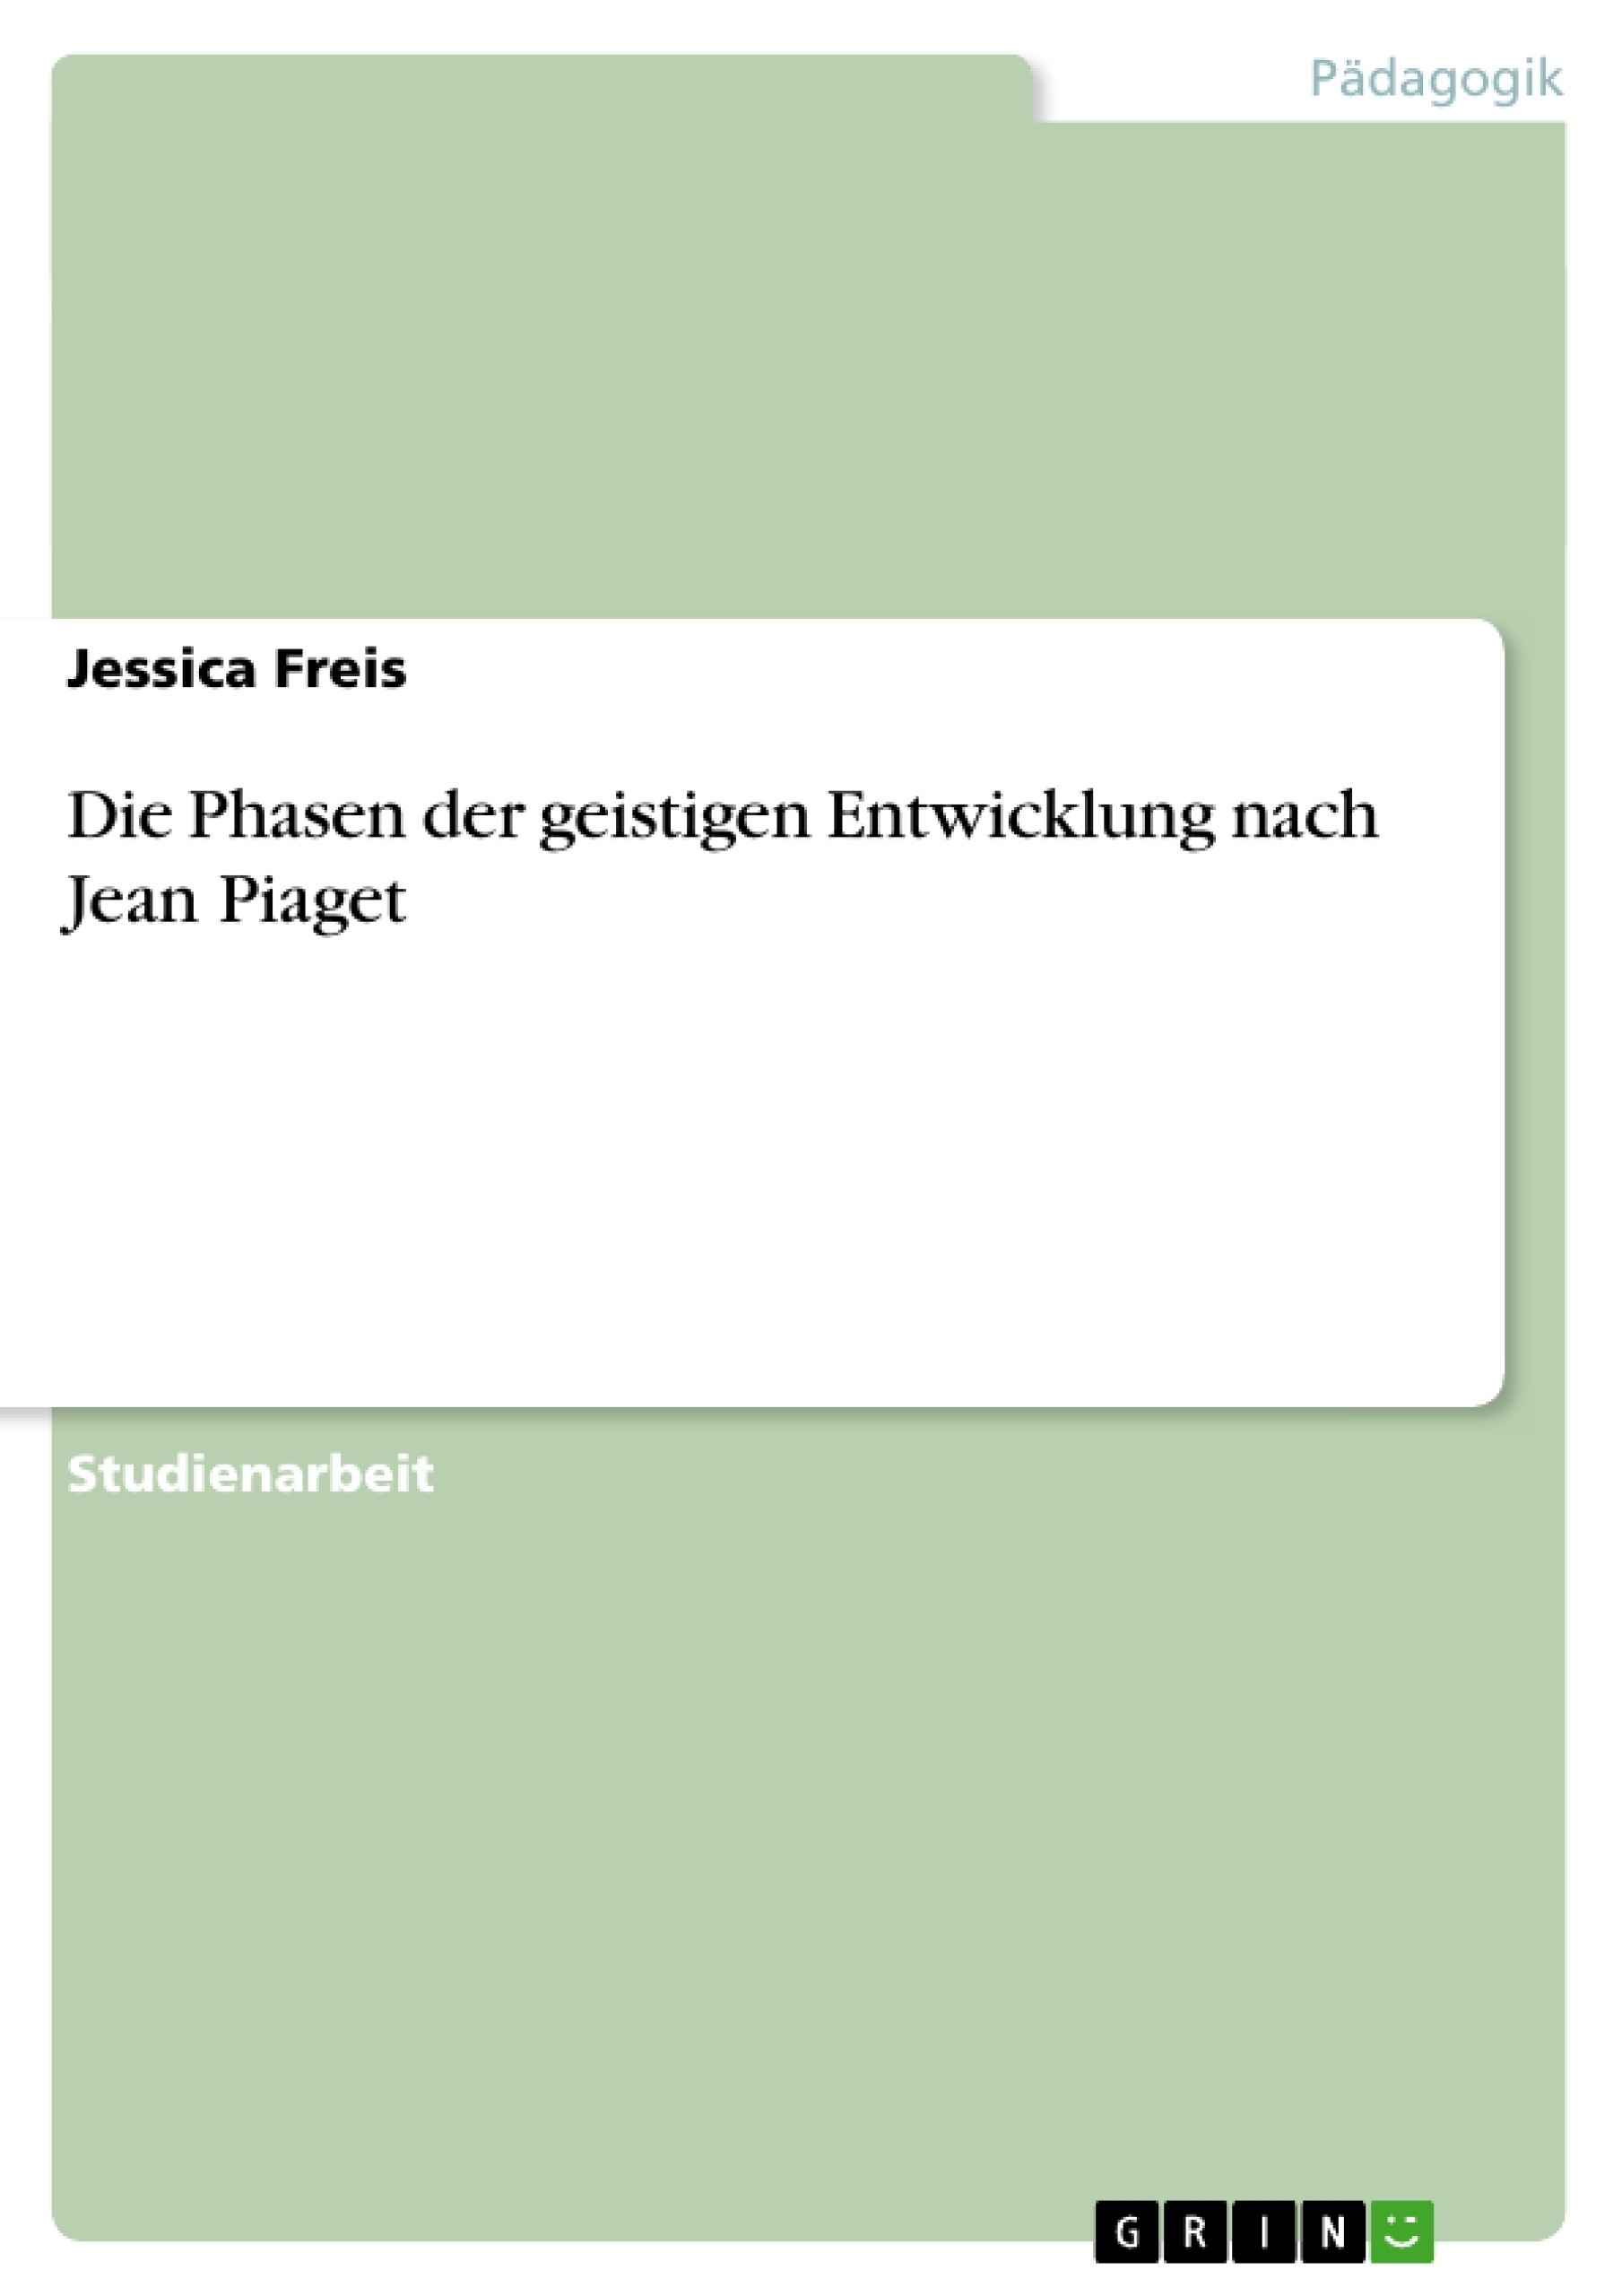 Titel: Die Phasen der geistigen Entwicklung nach Jean Piaget